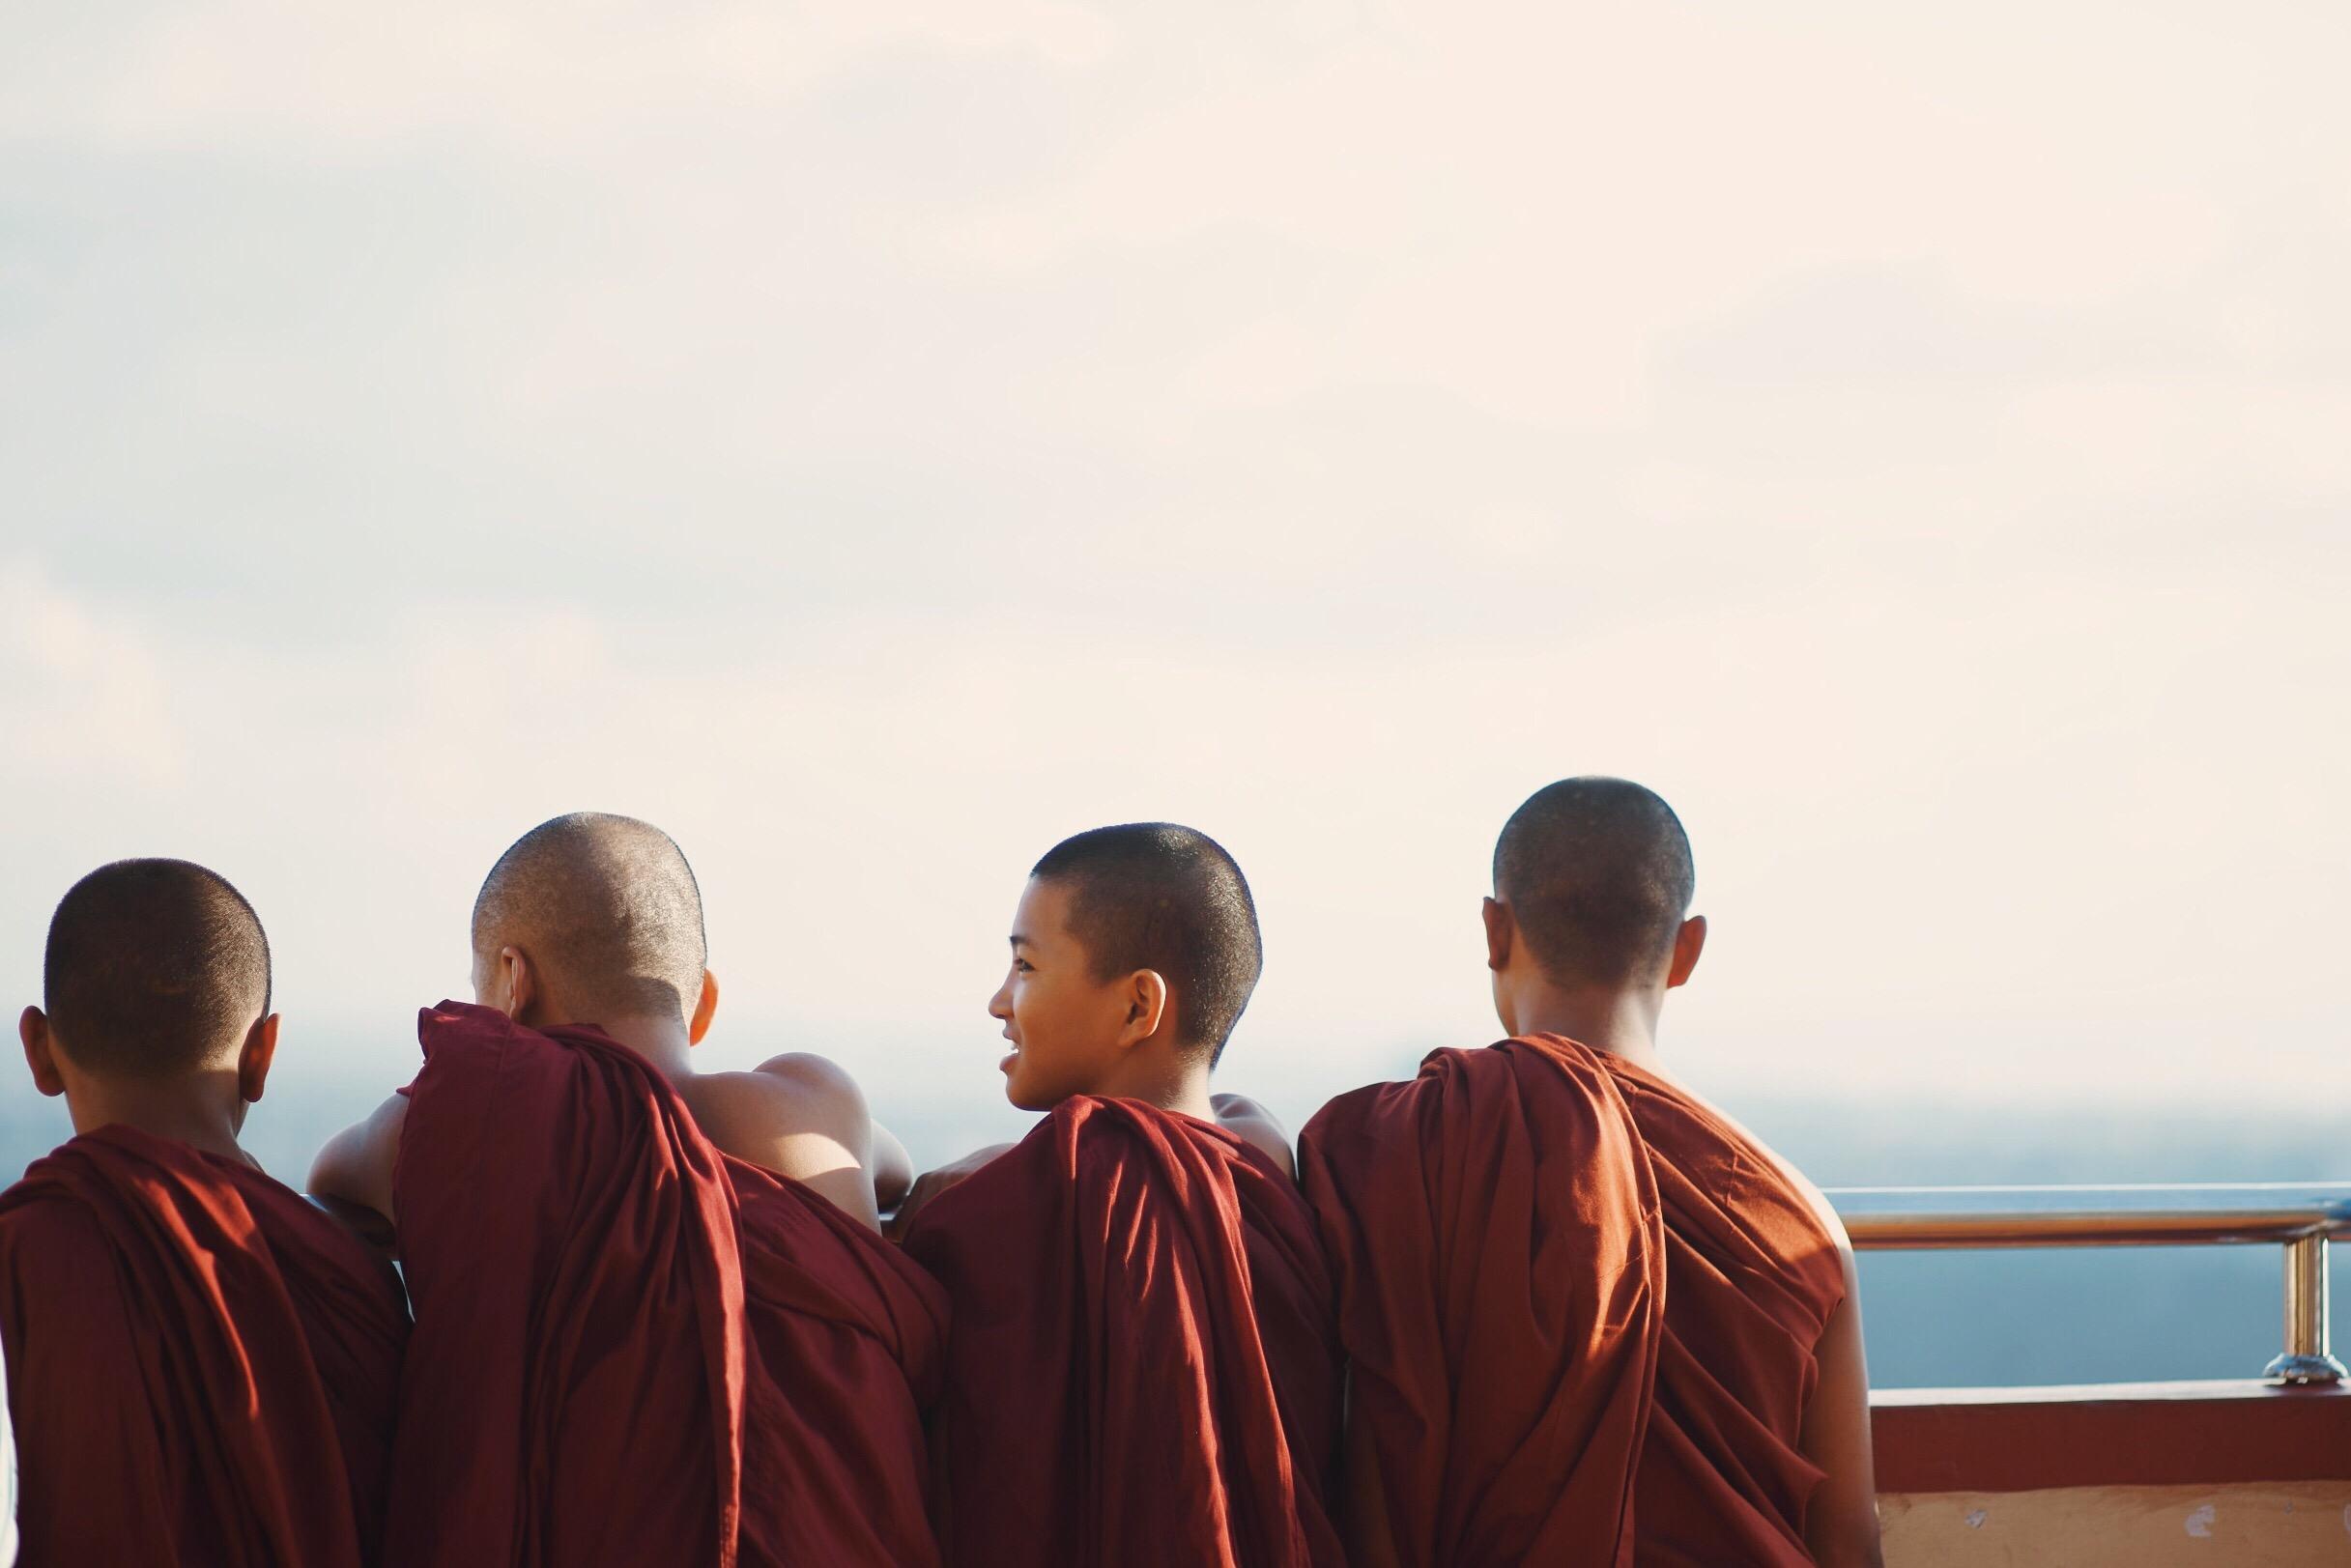 Buddhist children laughing